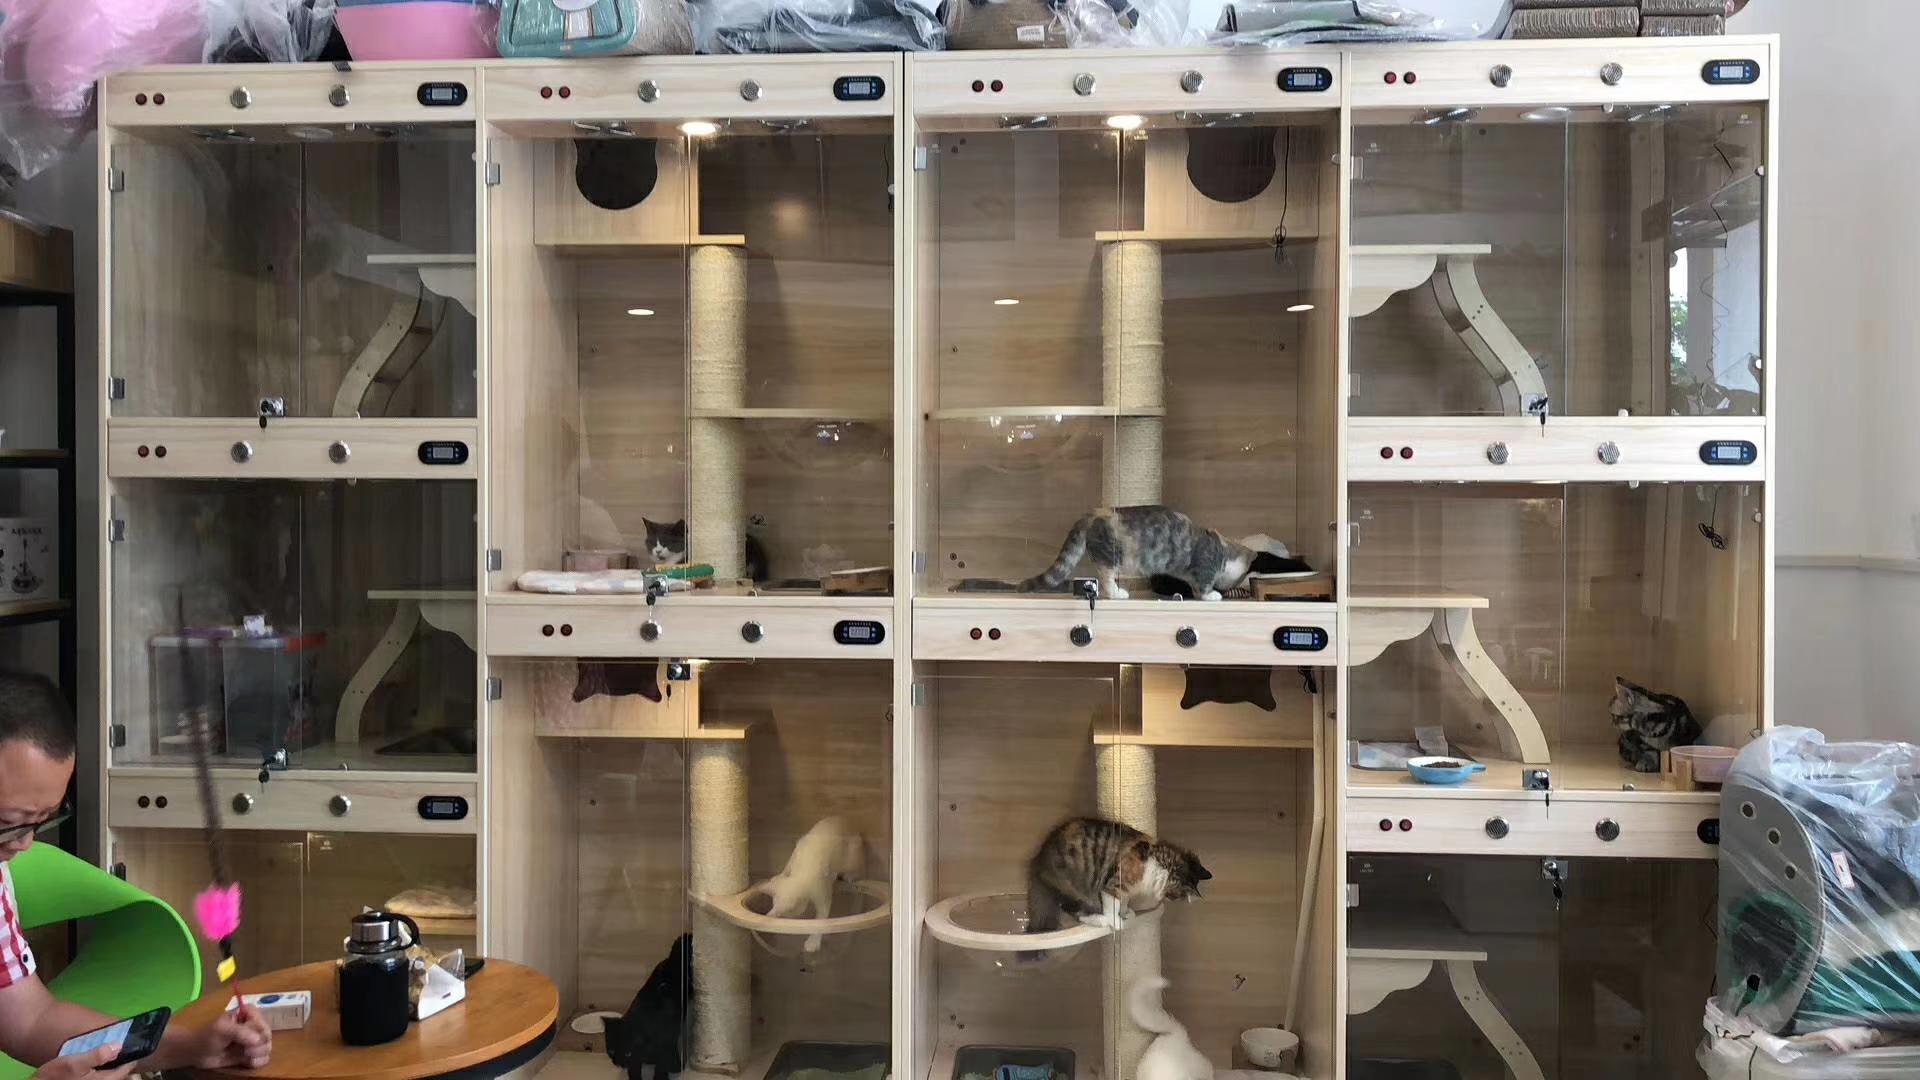 猫屋のオーダーメイド丸太猫舎の家庭用猫かごとトイレペットショップの猫別荘の3階のガラス展示棚